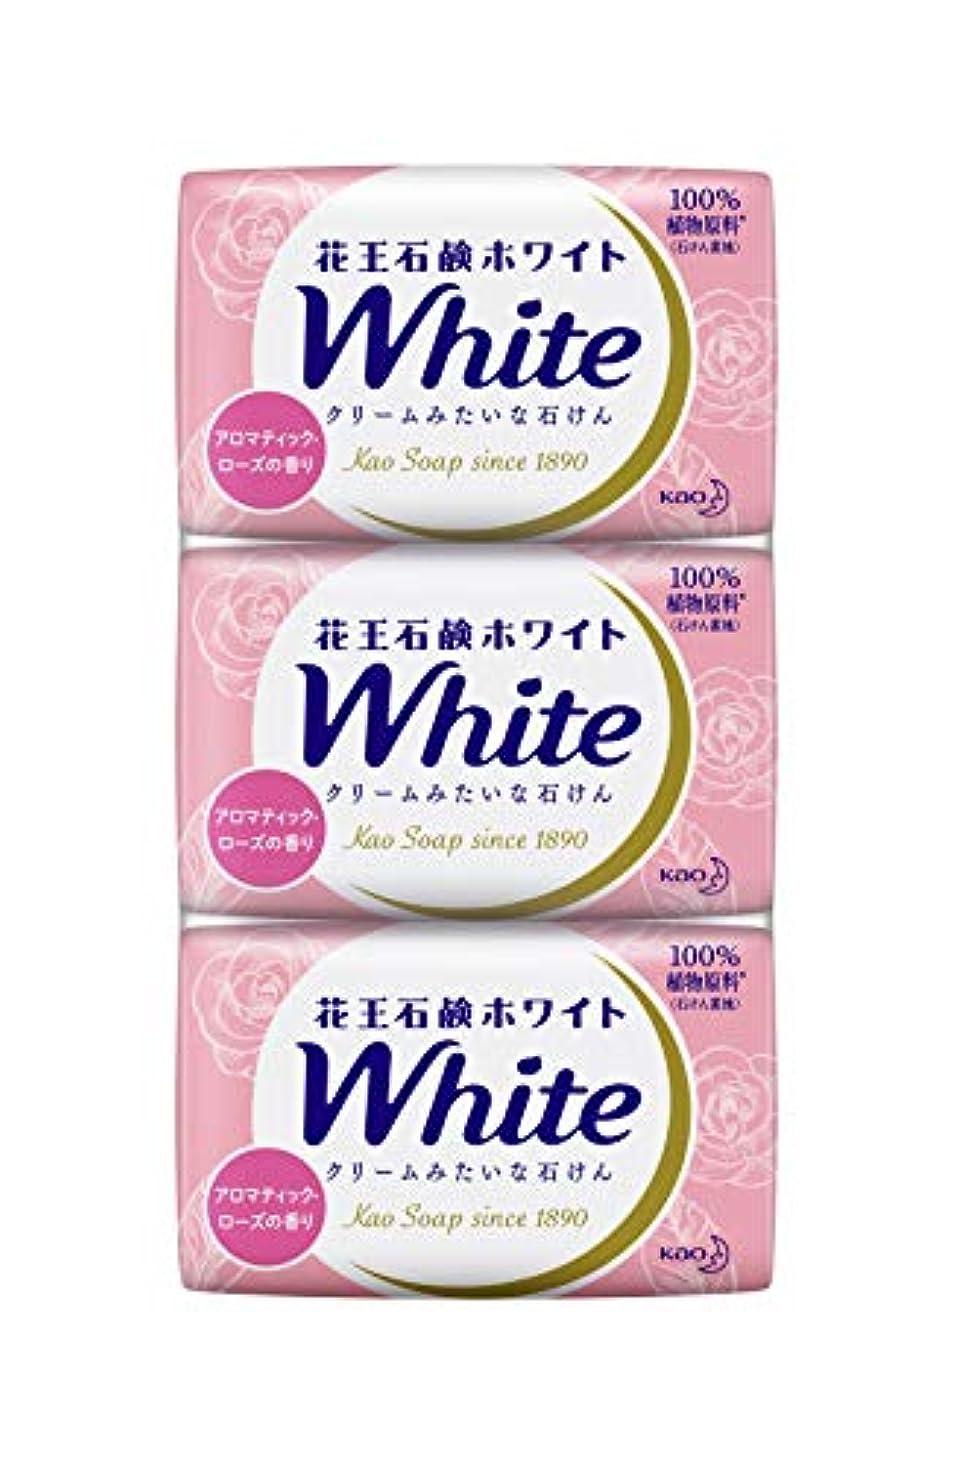 またねおびえた必要とする花王ホワイト アロマティックローズの香り レギュラーサイズ3コ